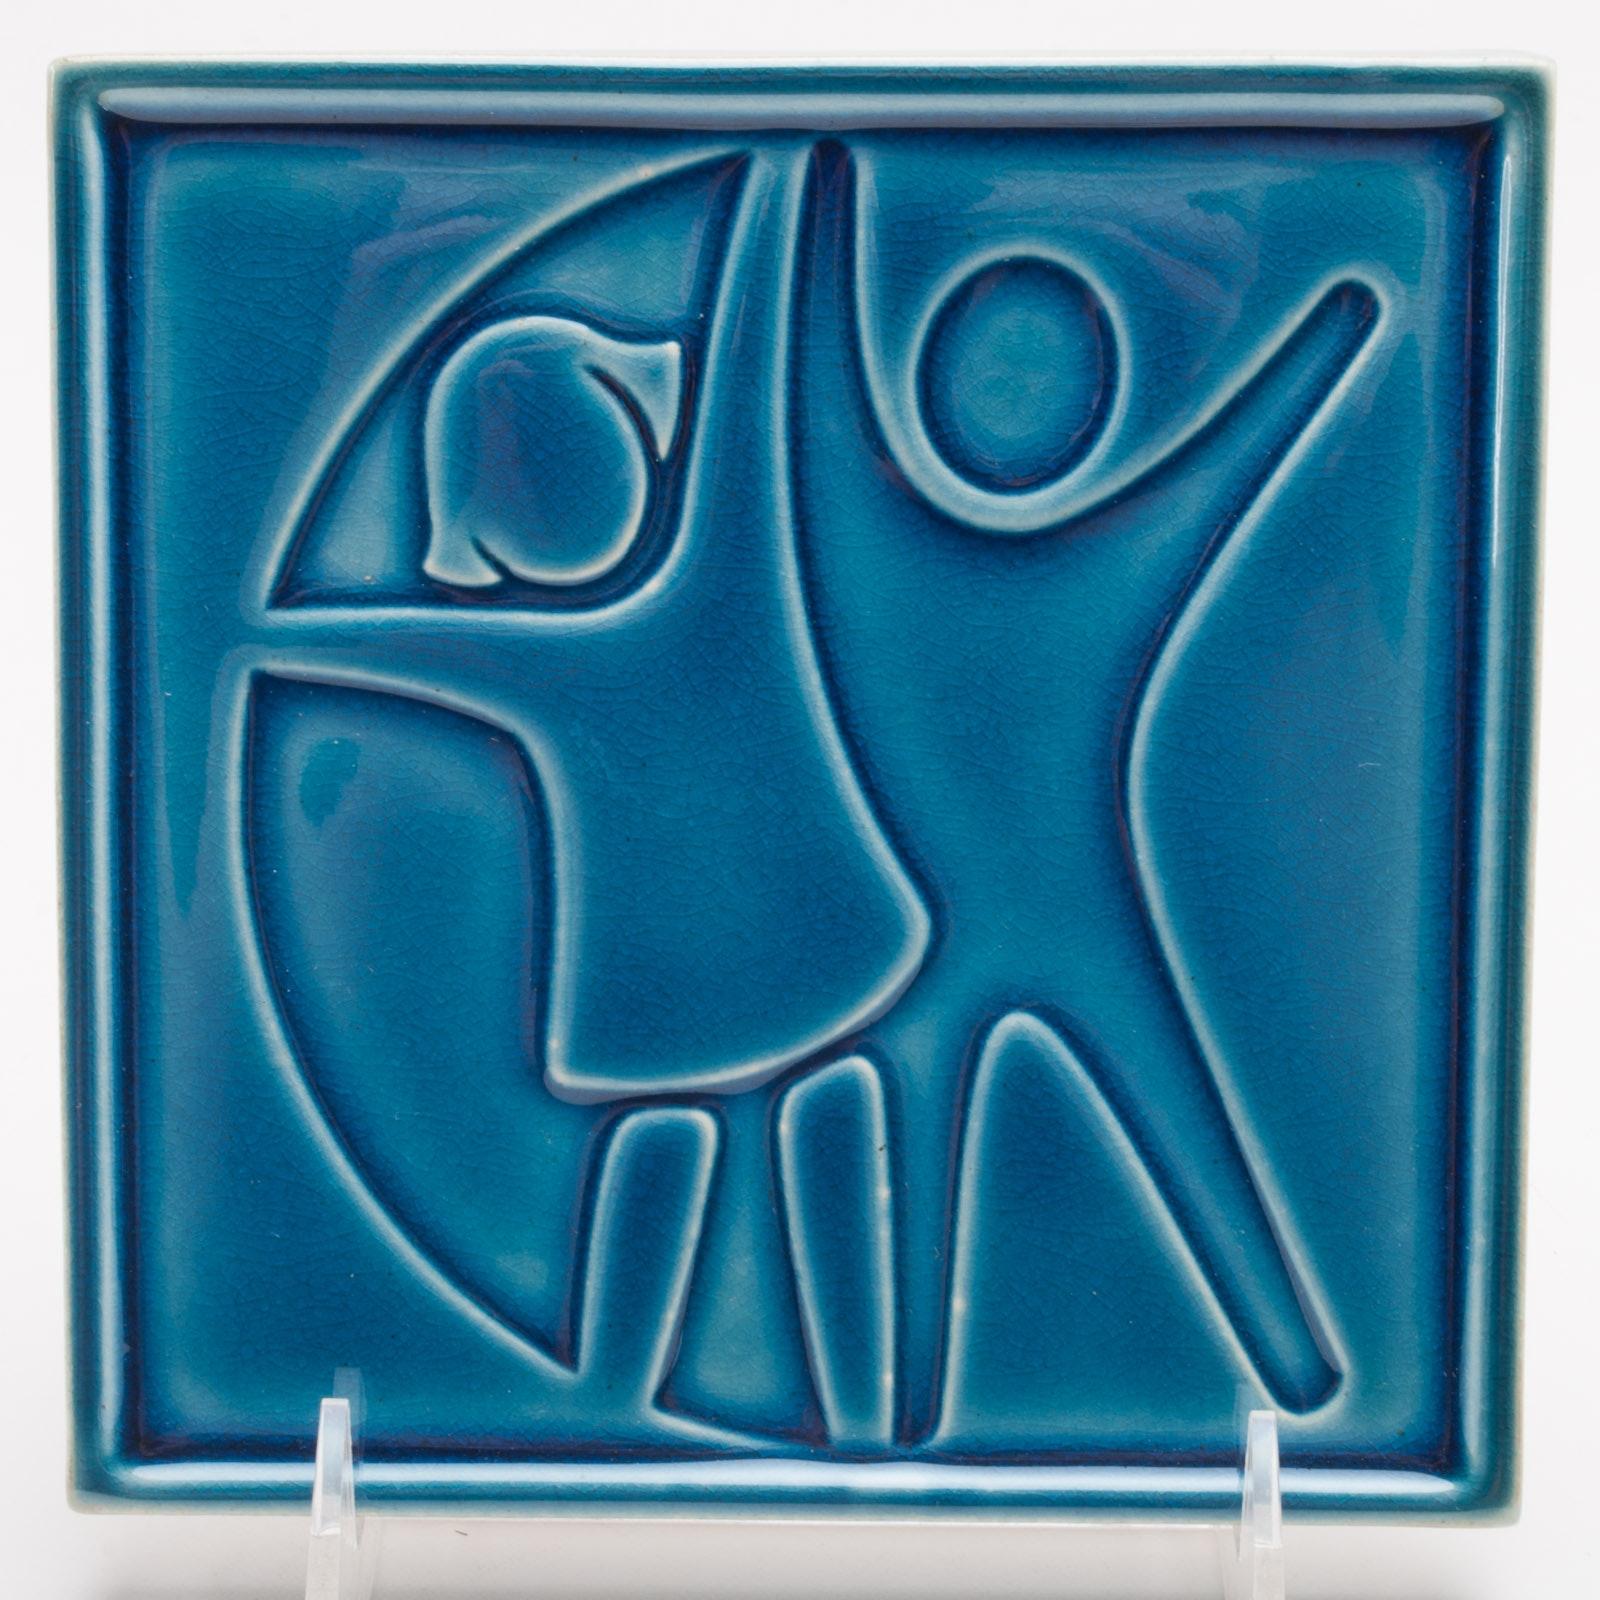 Rookwood Pottery Tile for Cincinnati Children's Hospital Medical Center